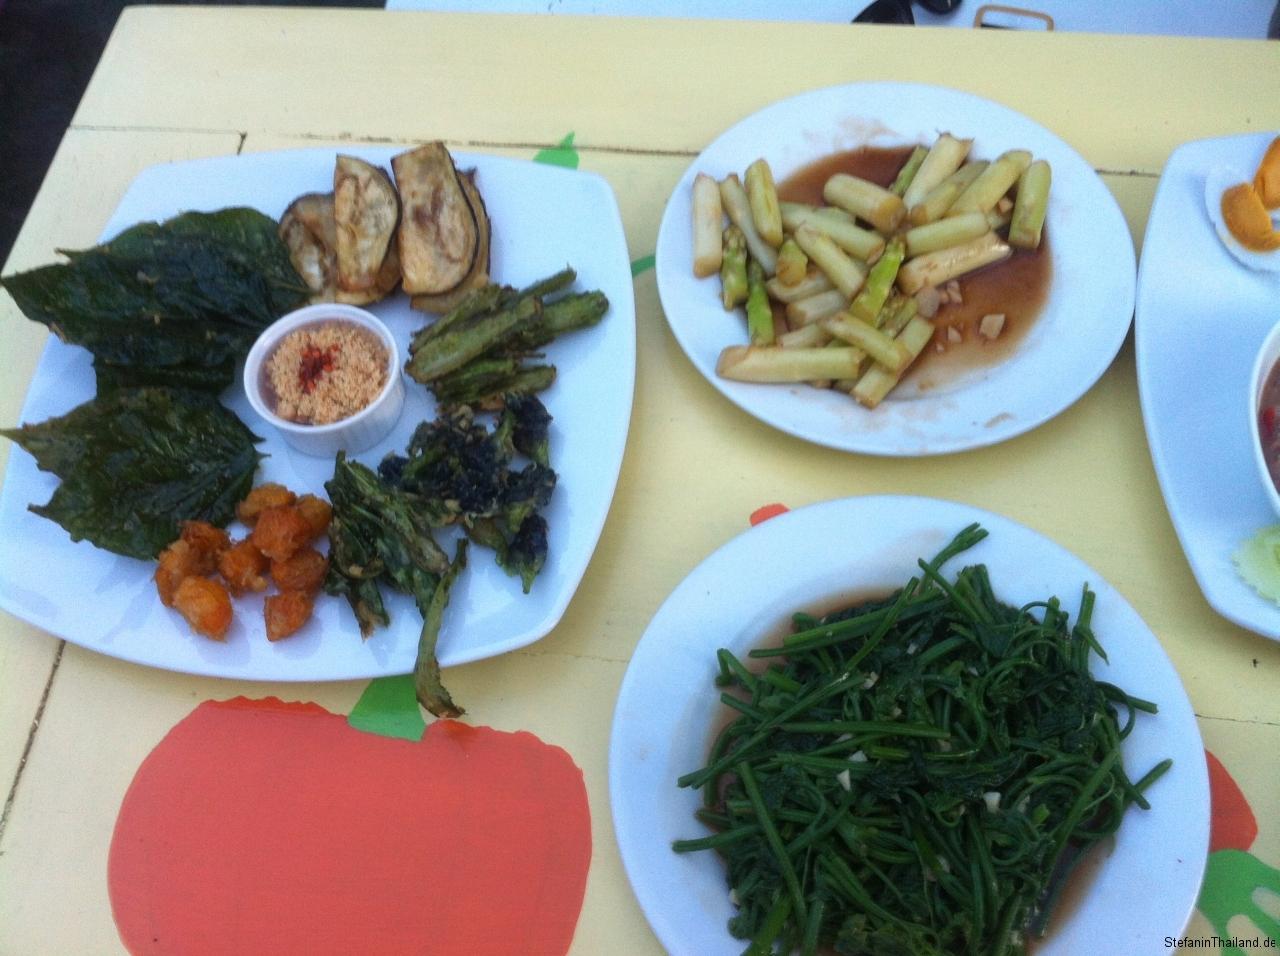 frisches Gemüse im Changapak-s.jpg